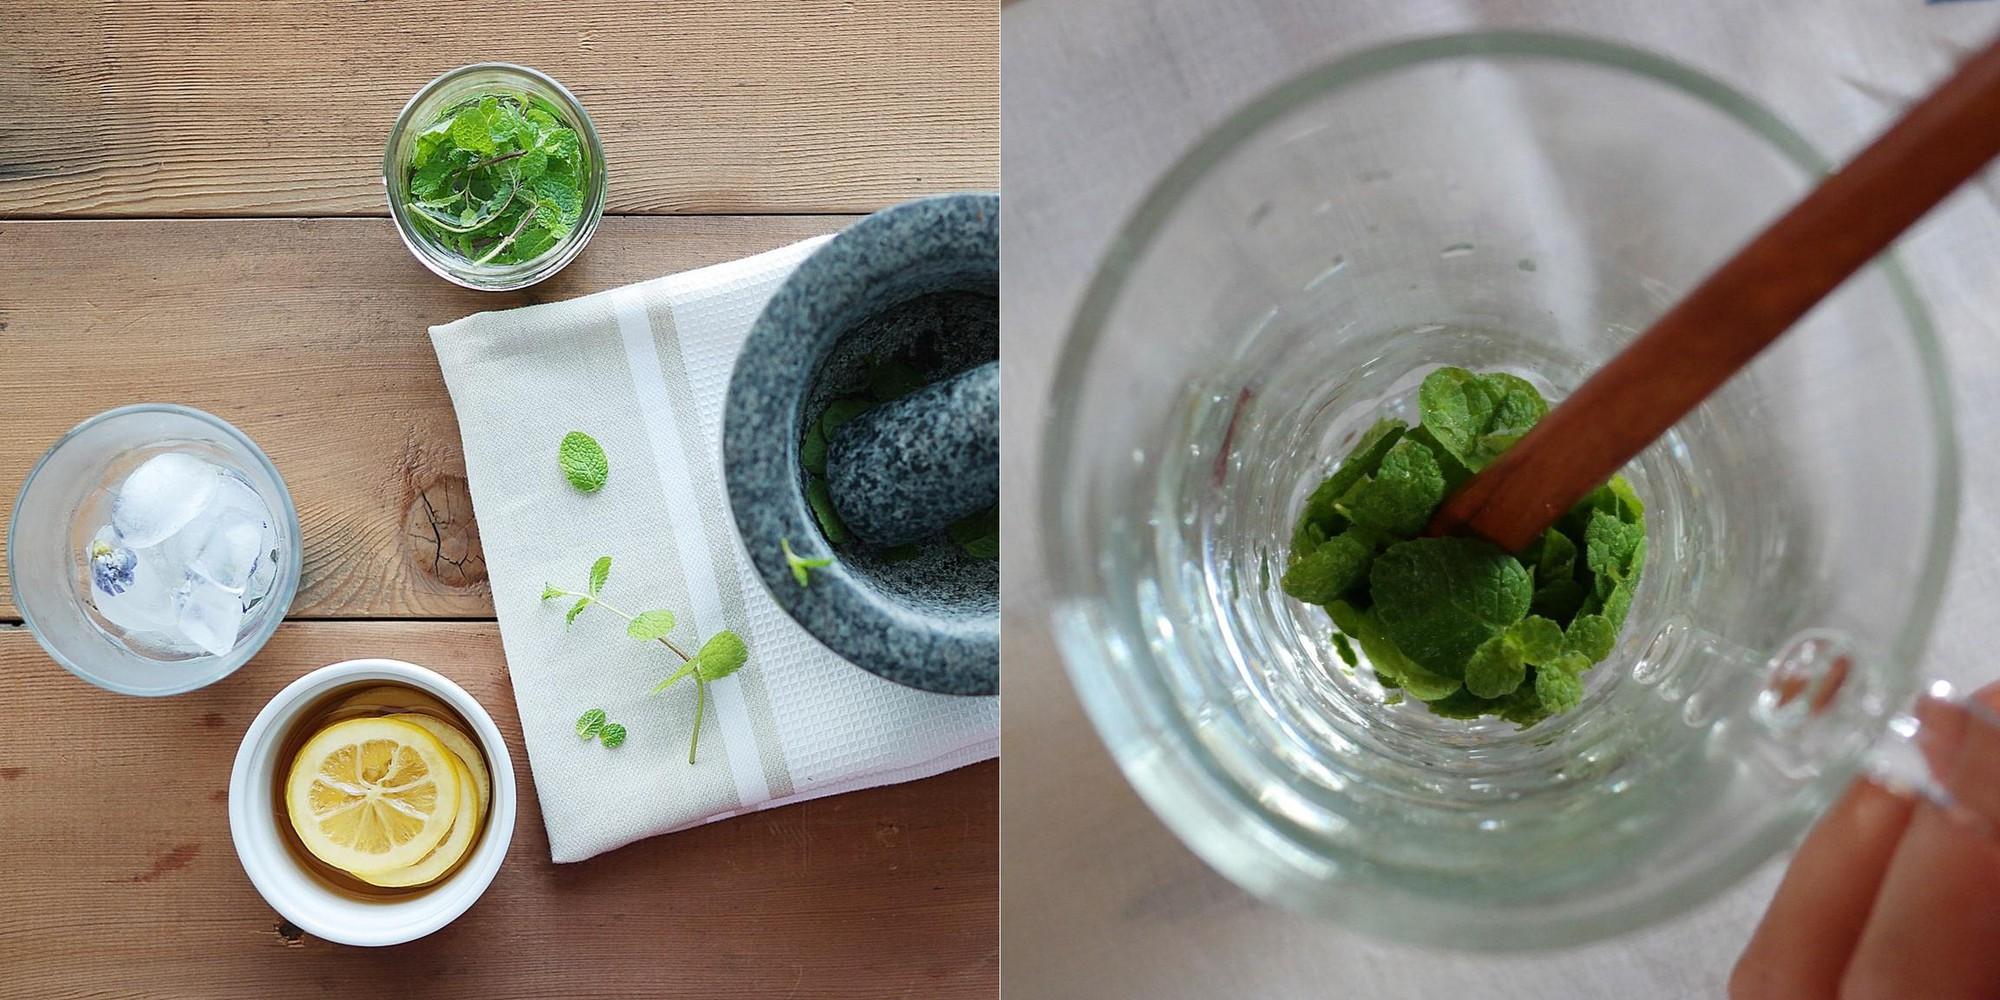 Mách bạn cách làm 2 kiểu cocktail cơ bản siêu ngon mà lại vô cùng đơn giản